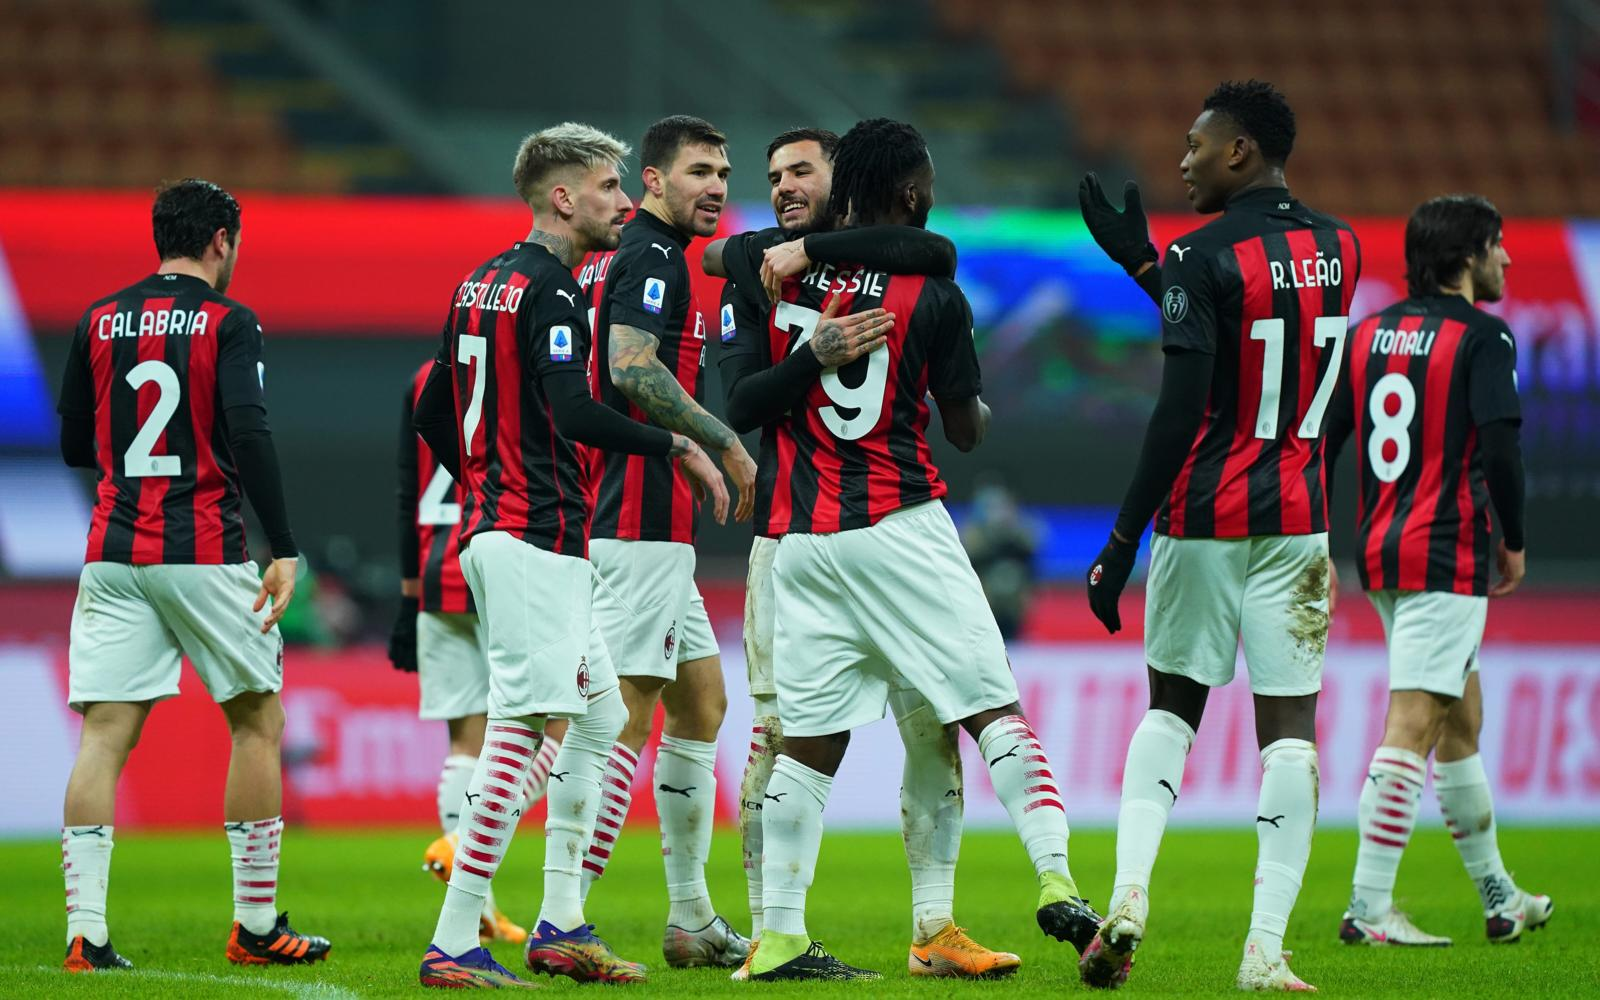 Leao è inarrestabile, Kessie implacabile dal dischetto: Milan-Torino 2-0